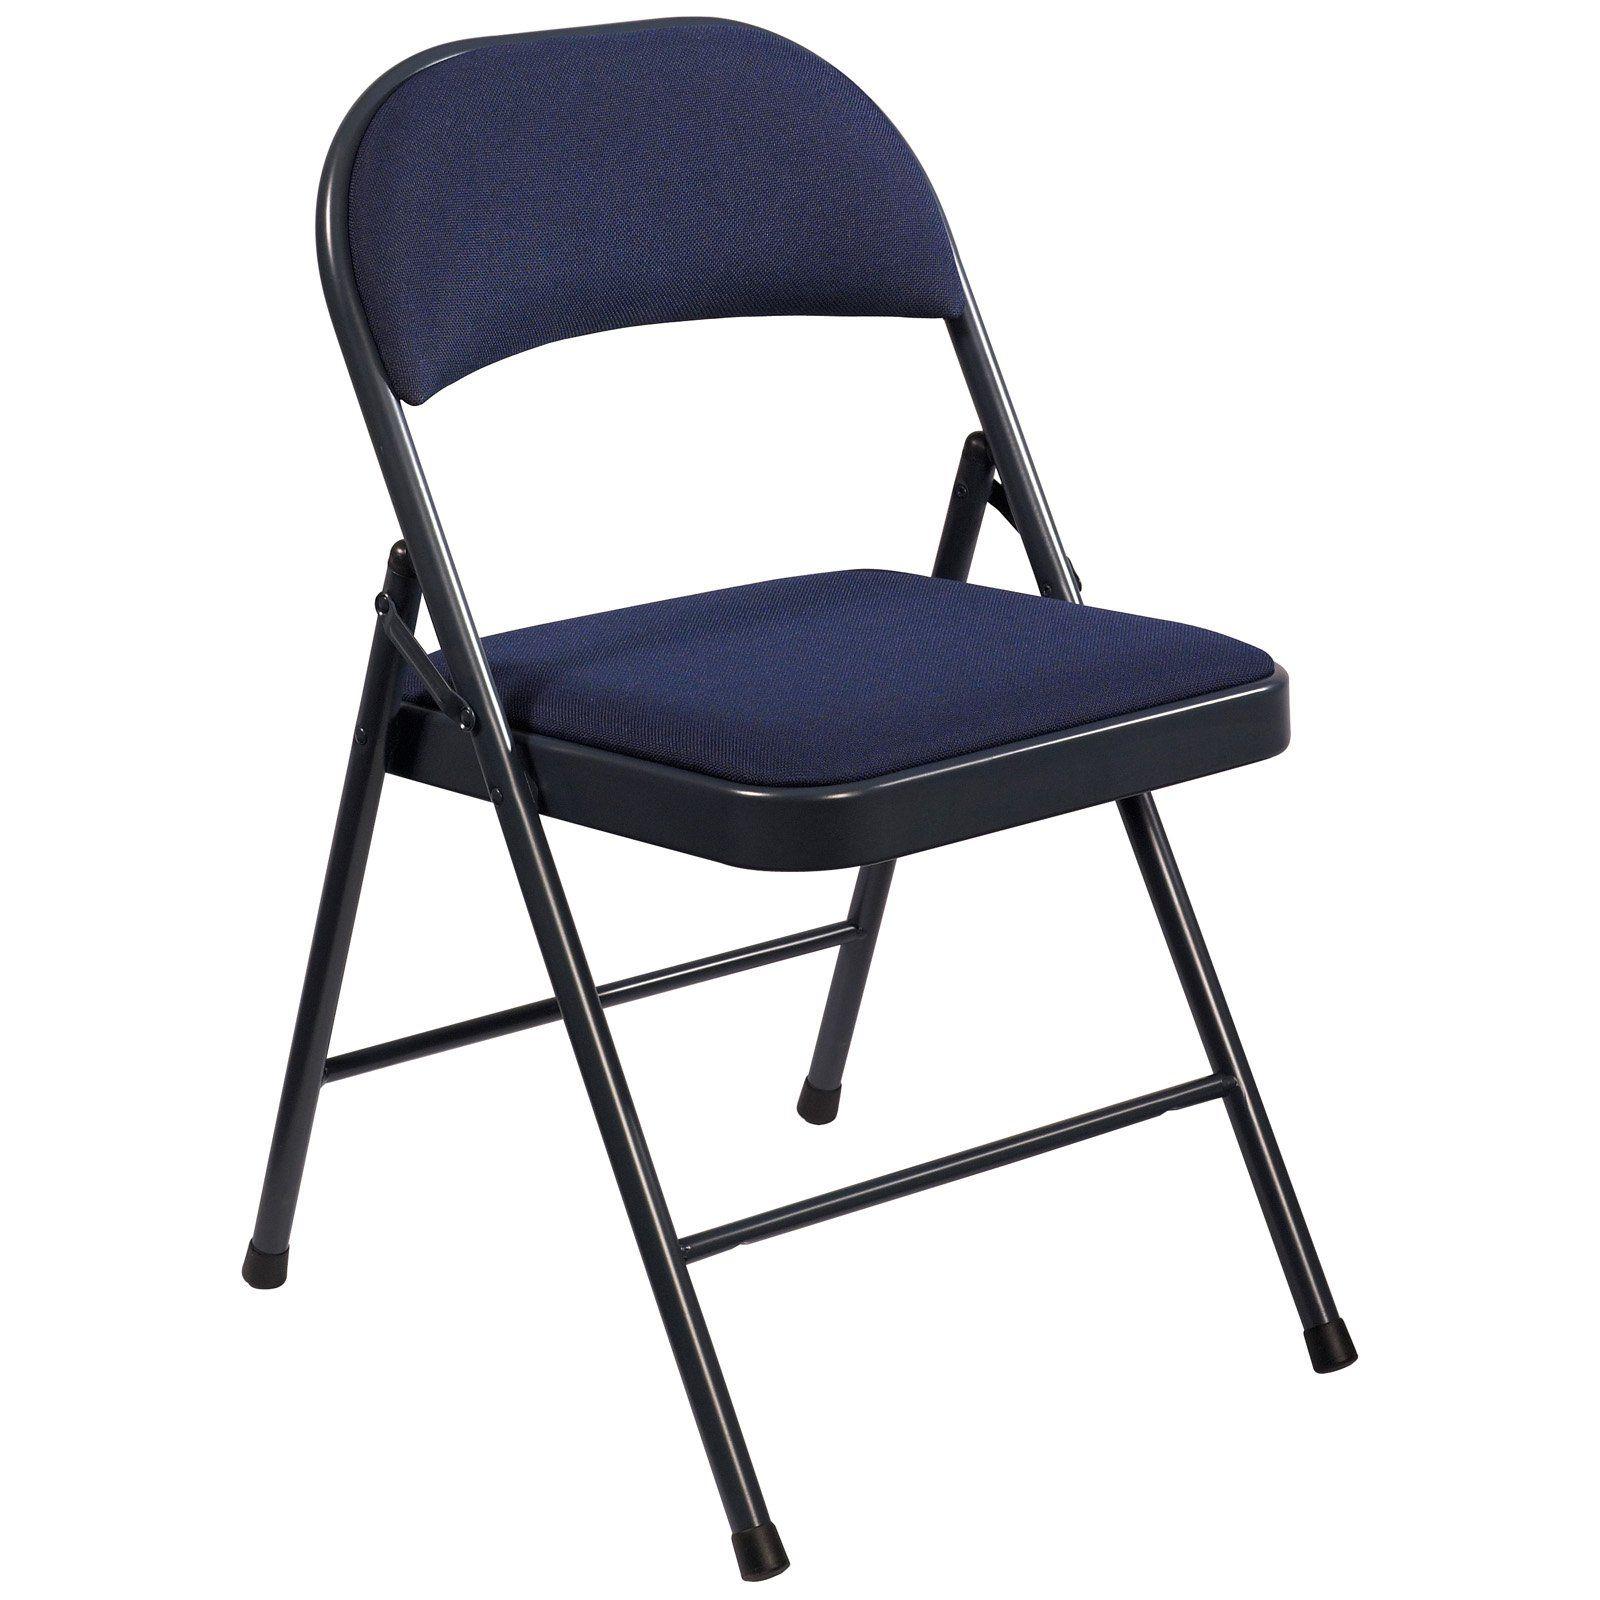 Gepolsterter Klappstuhl Gepolsterte Folding Chair